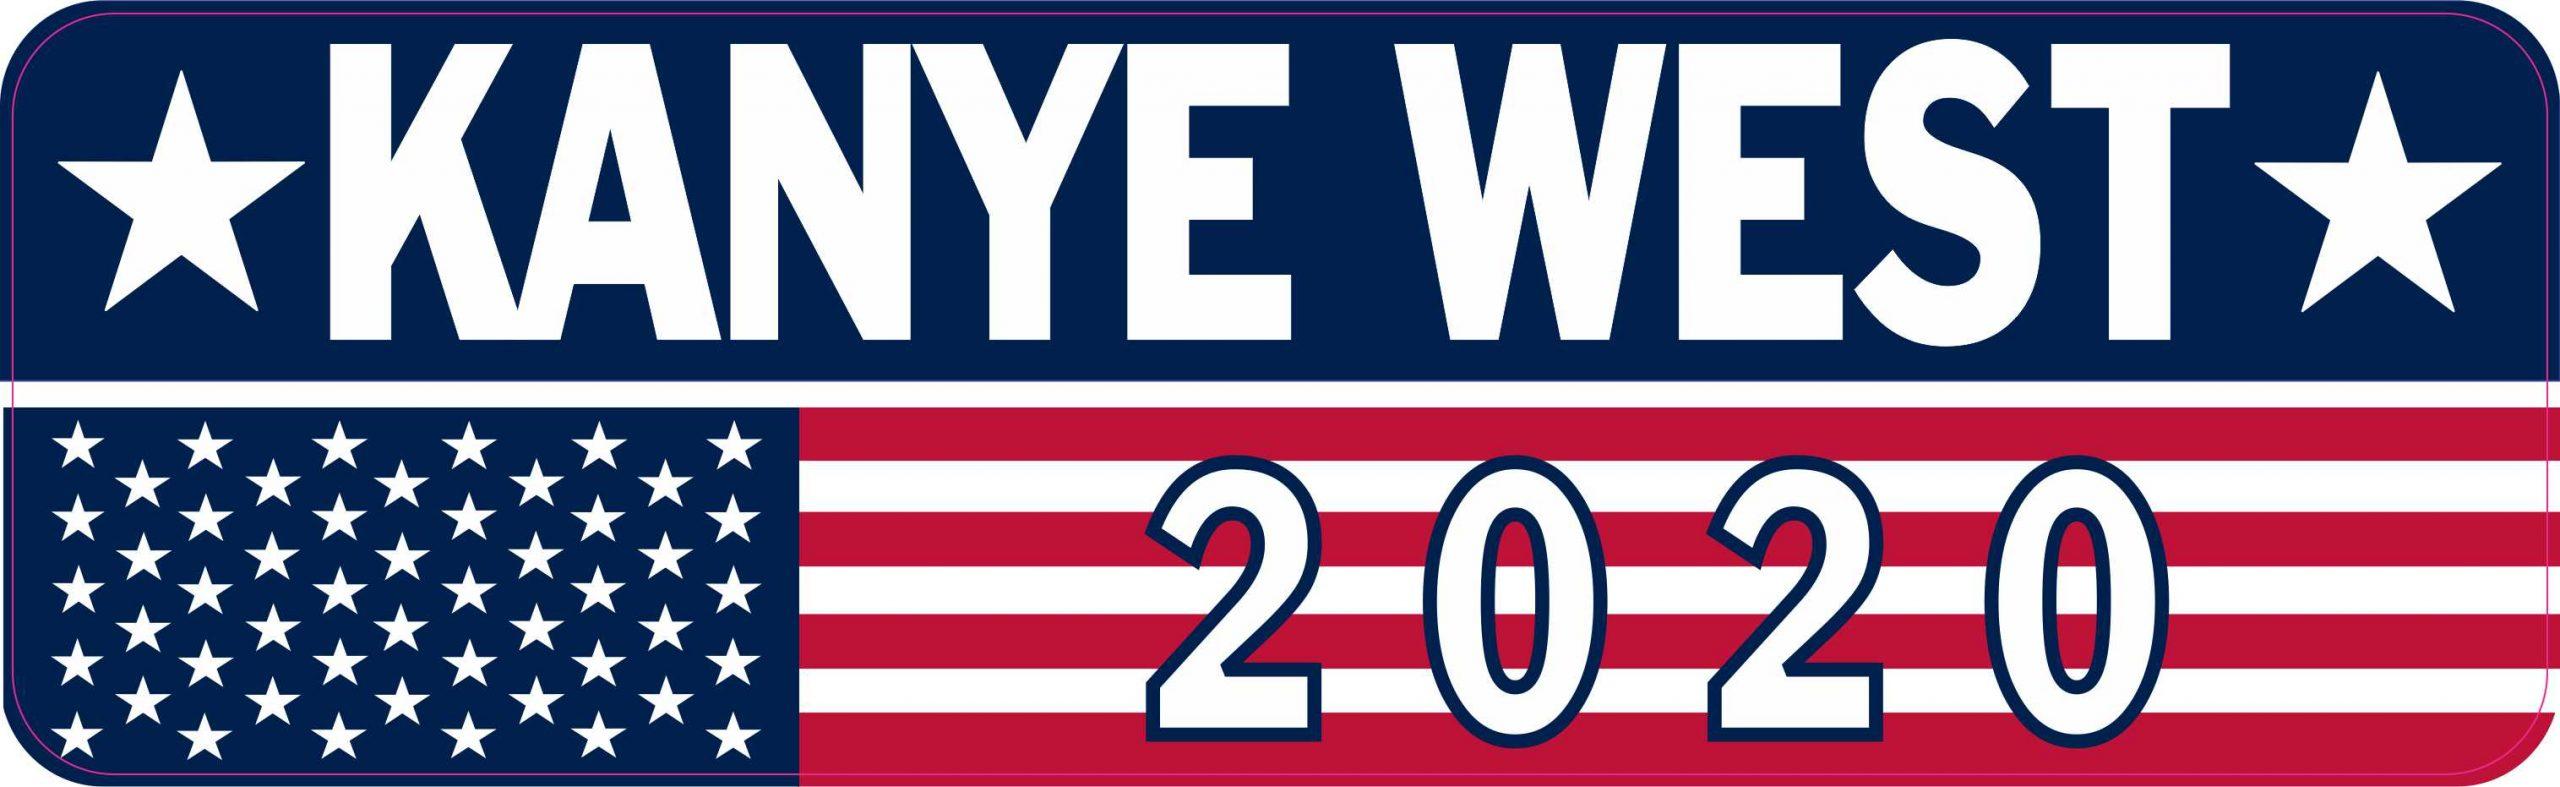 Kanye West For President 2020 Campaign Refrigerator Magnet